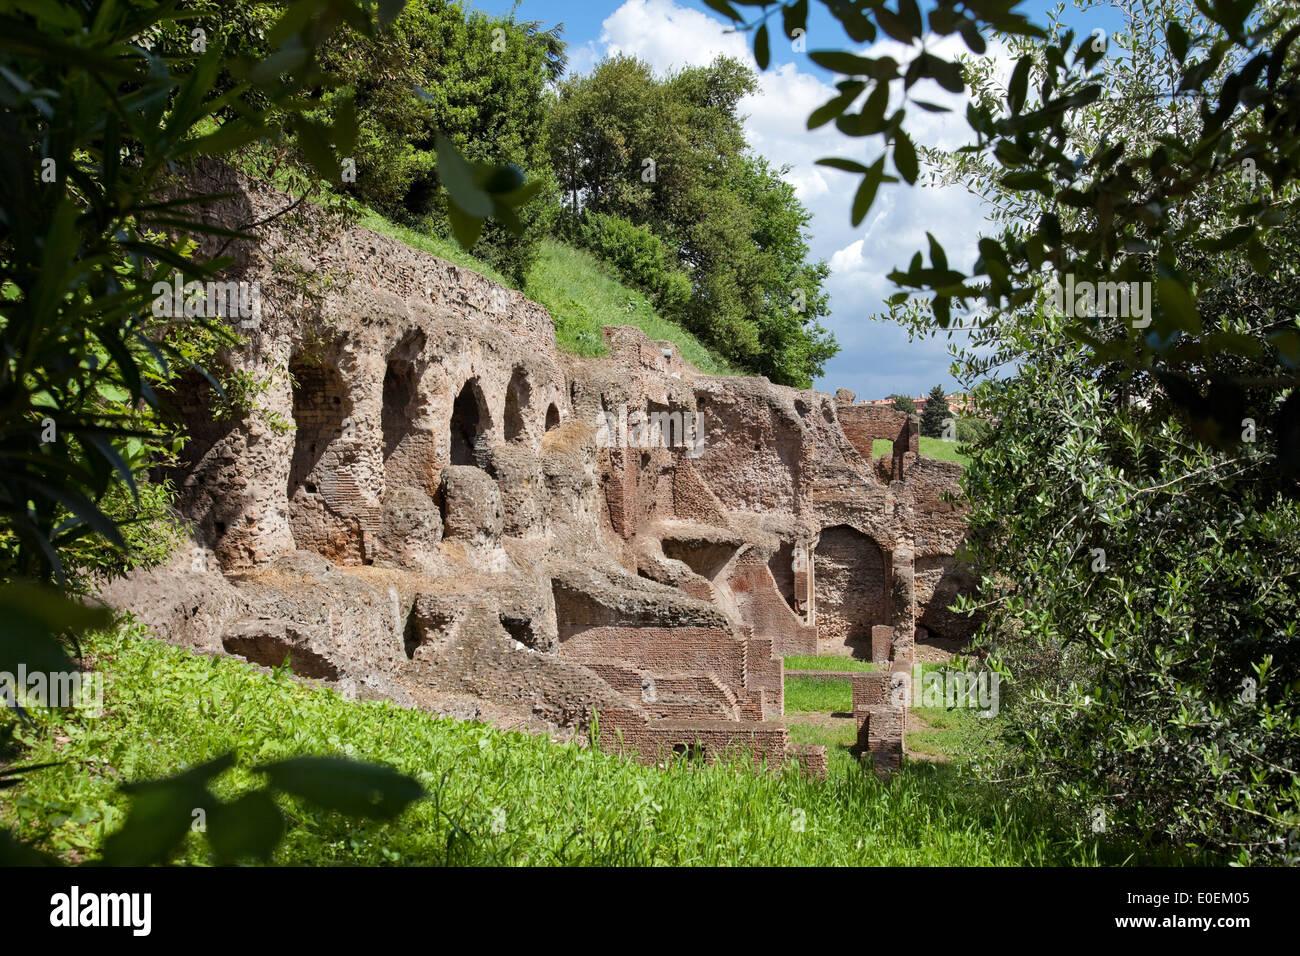 Forum Romanum, Rom, Italien - Forum Romanum, Rome, Italy - Stock Image